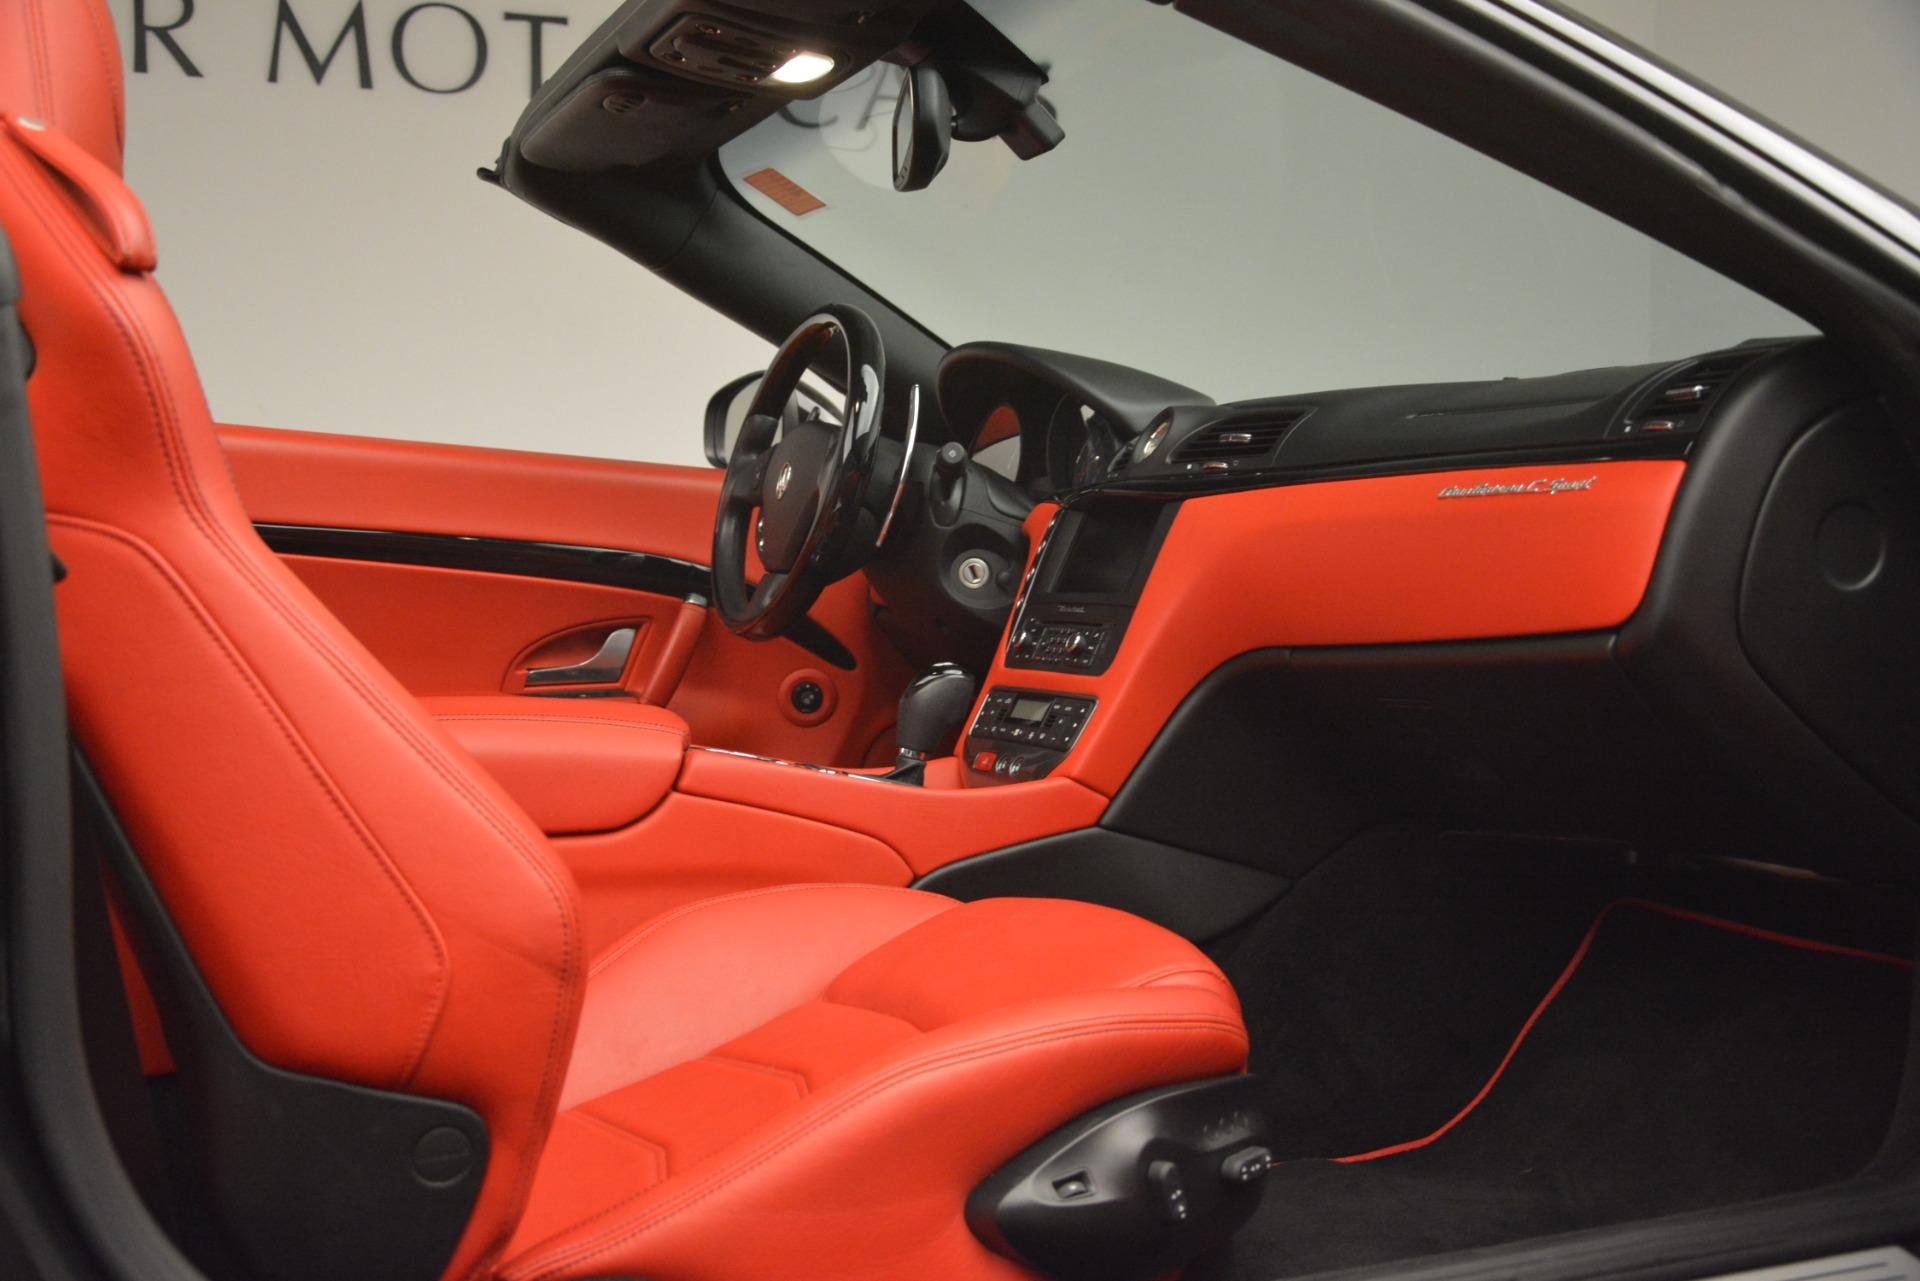 Used 2015 Maserati GranTurismo Sport For Sale In Westport, CT 3085_p34